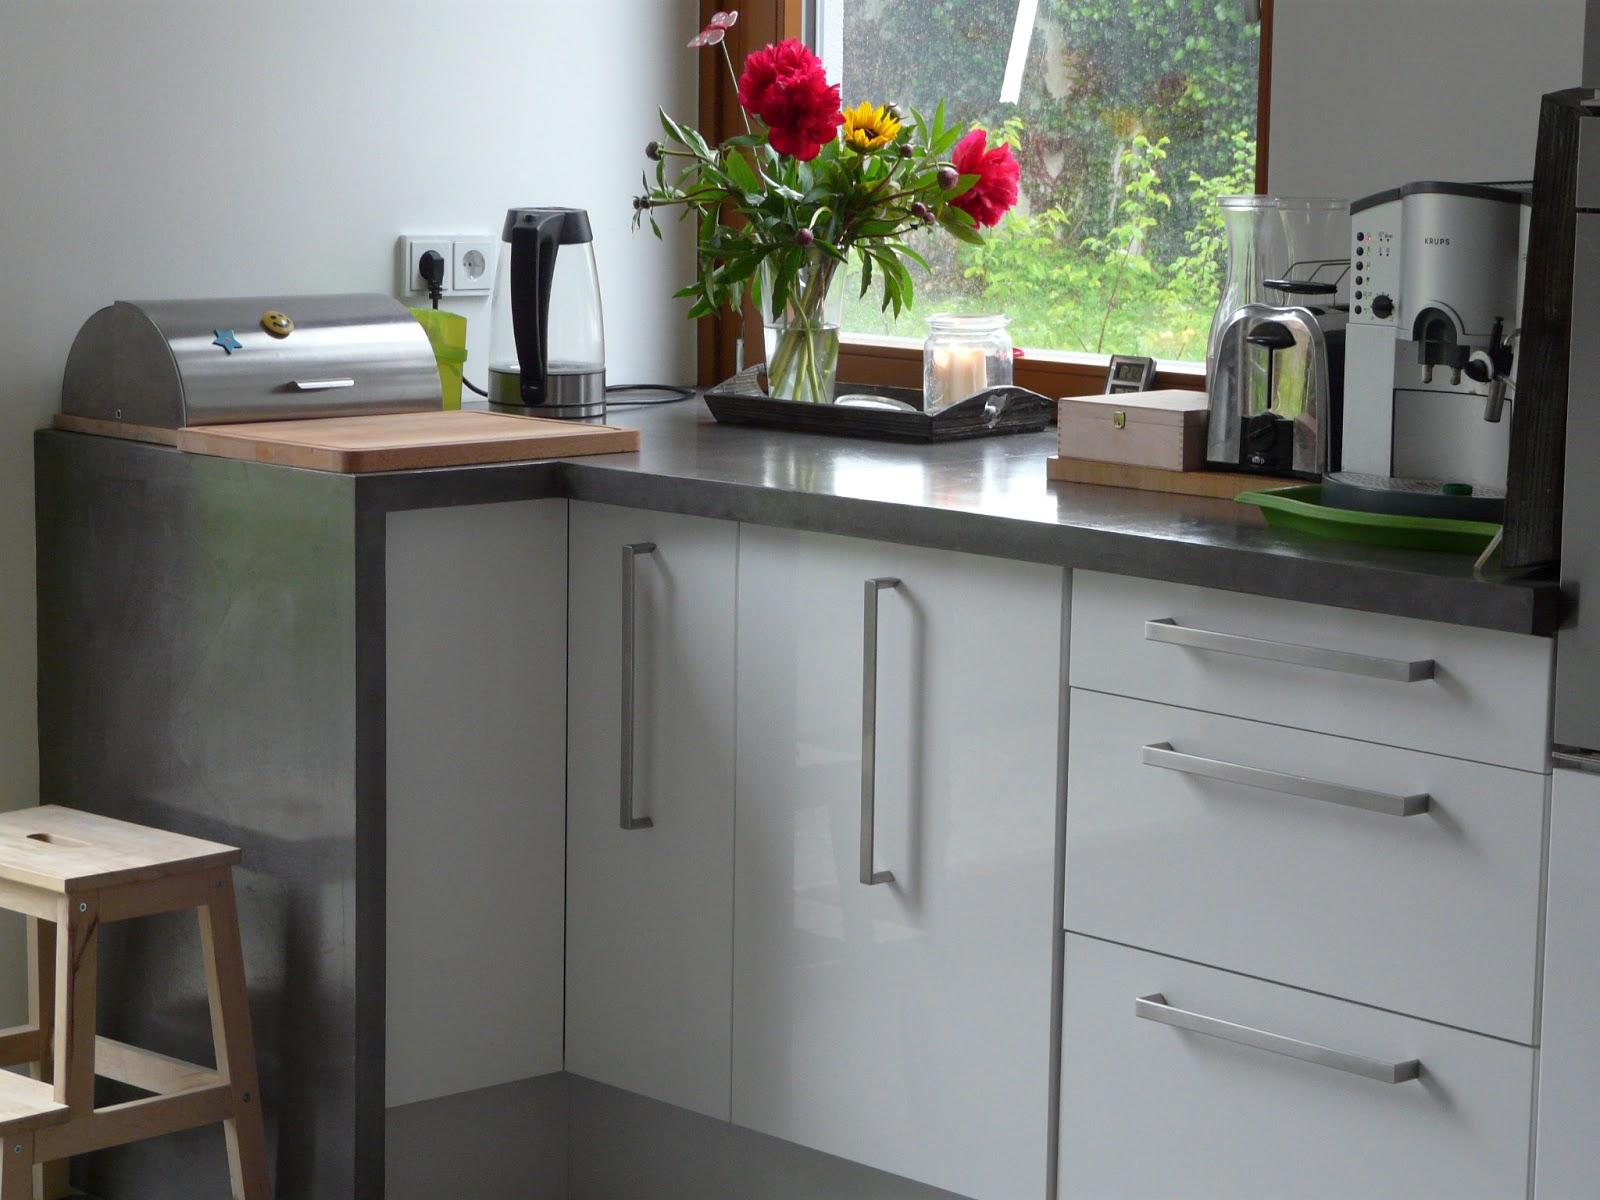 k chenarbeitsplatte betonoptik. Black Bedroom Furniture Sets. Home Design Ideas